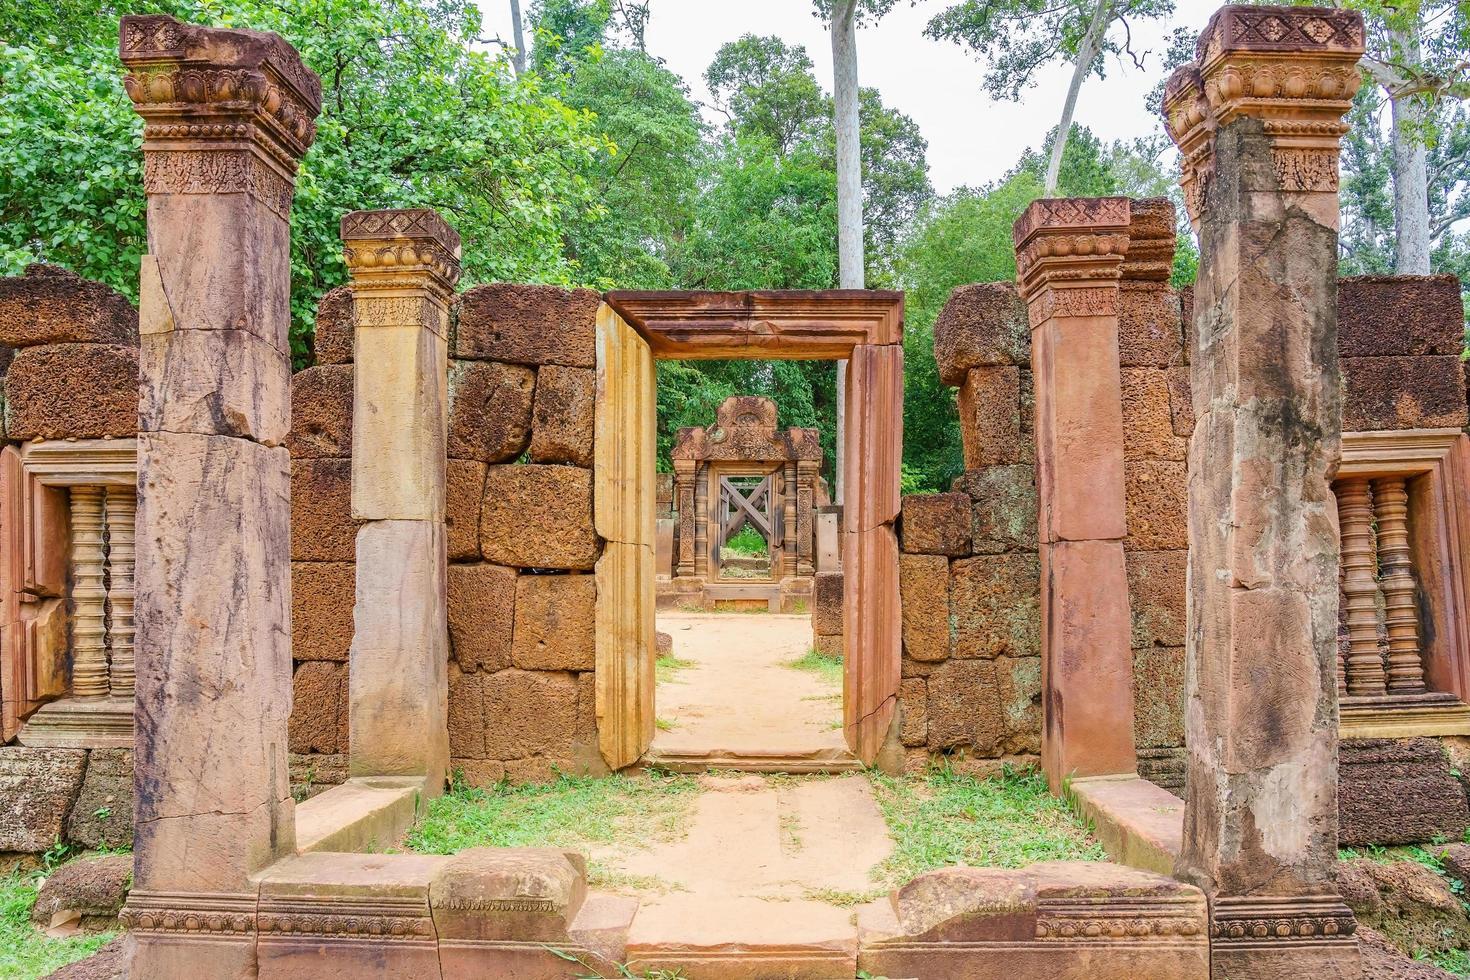 Templo de Banteay Srei dedicado a Shiva, en la jungla de Angkor, Camboya. foto